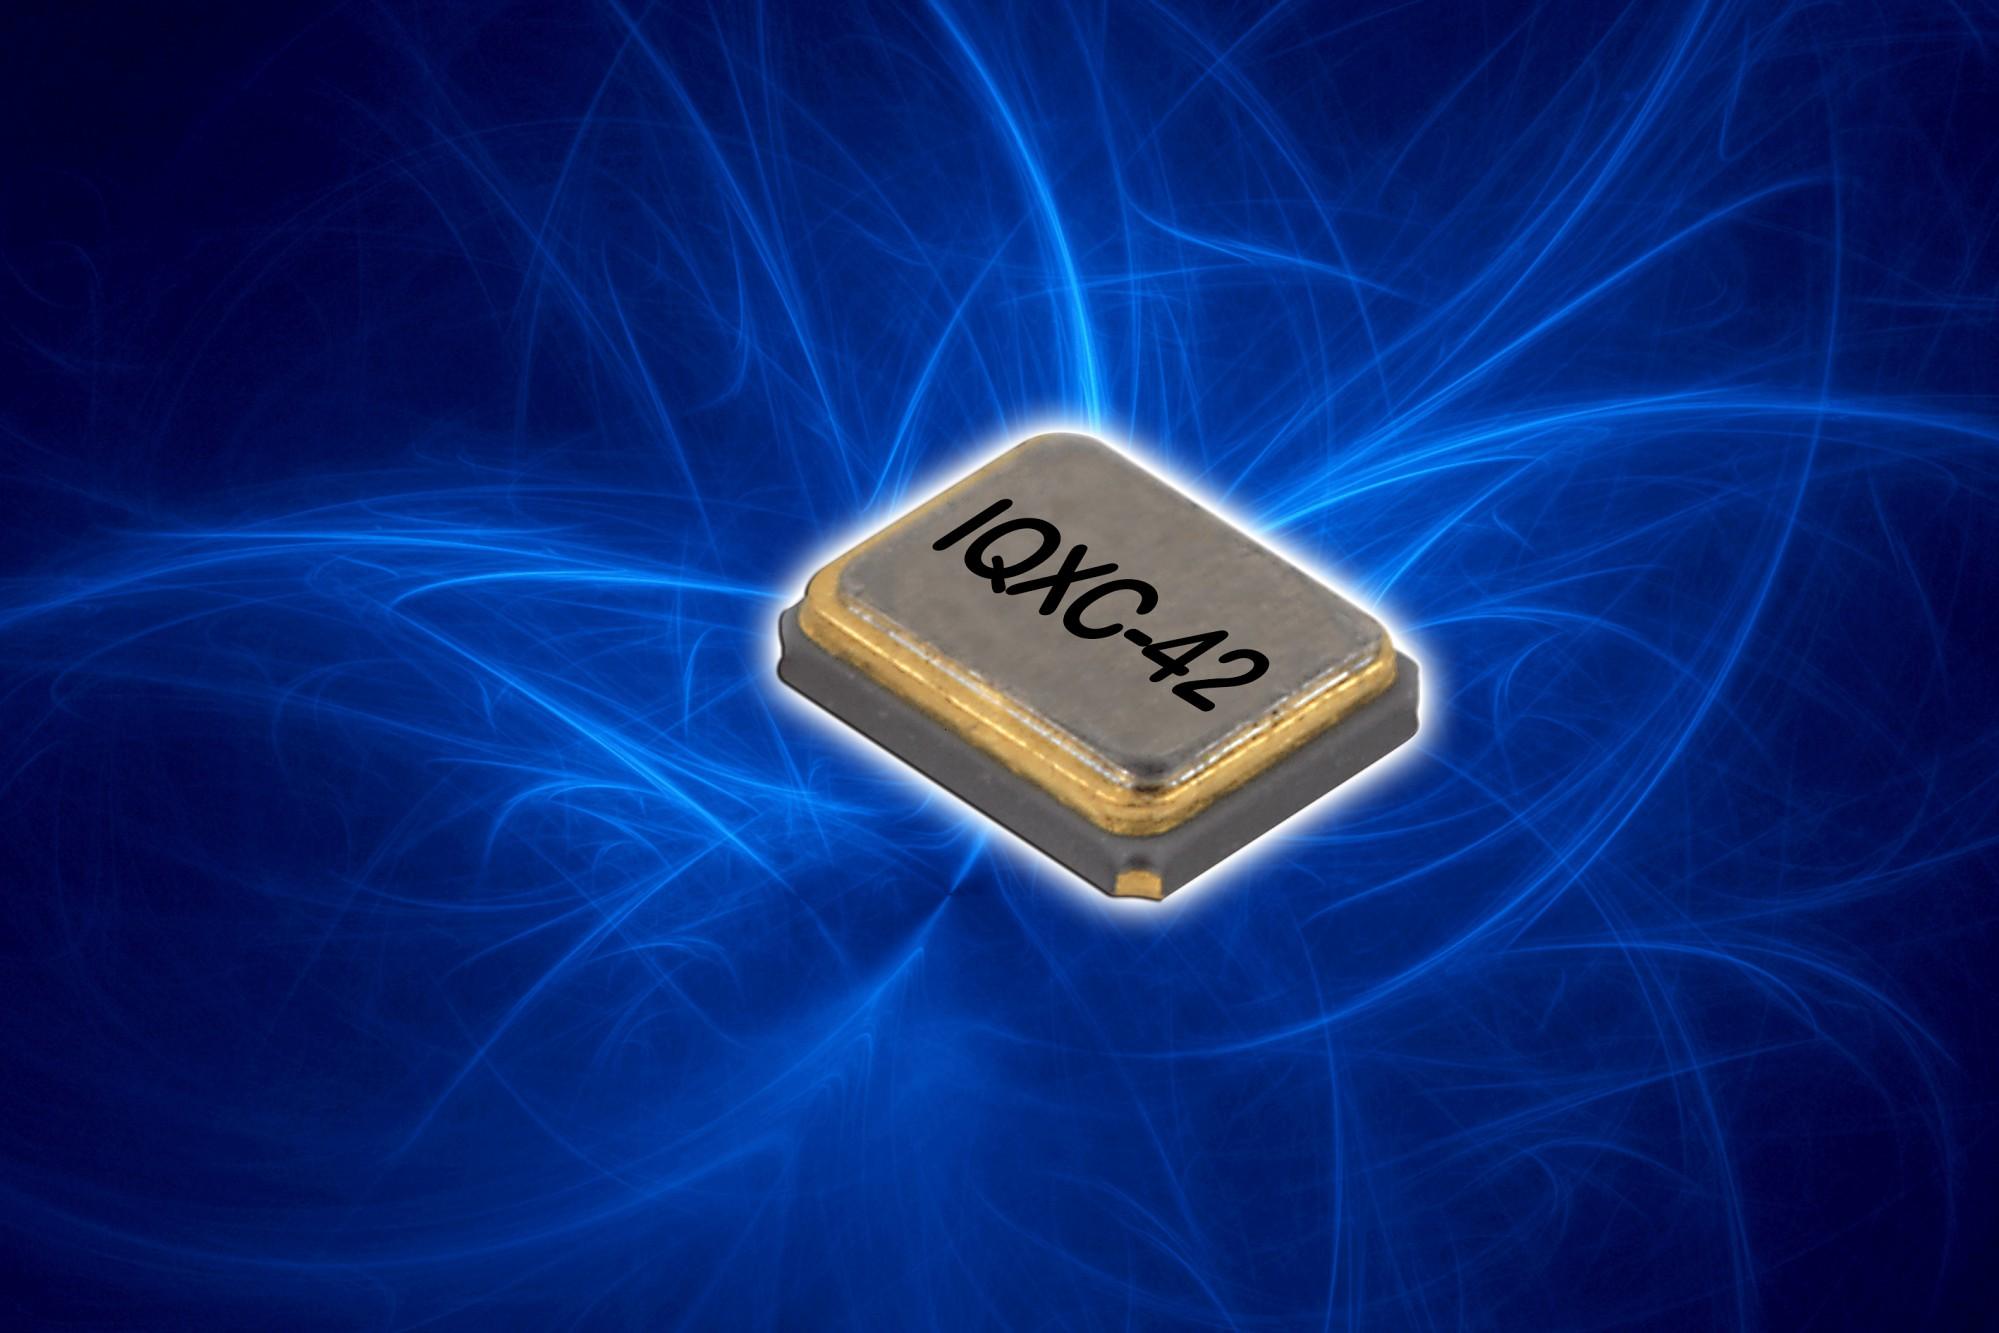 IQD présente un quartz ultra-miniature de seulement 0,5mm de hauteur